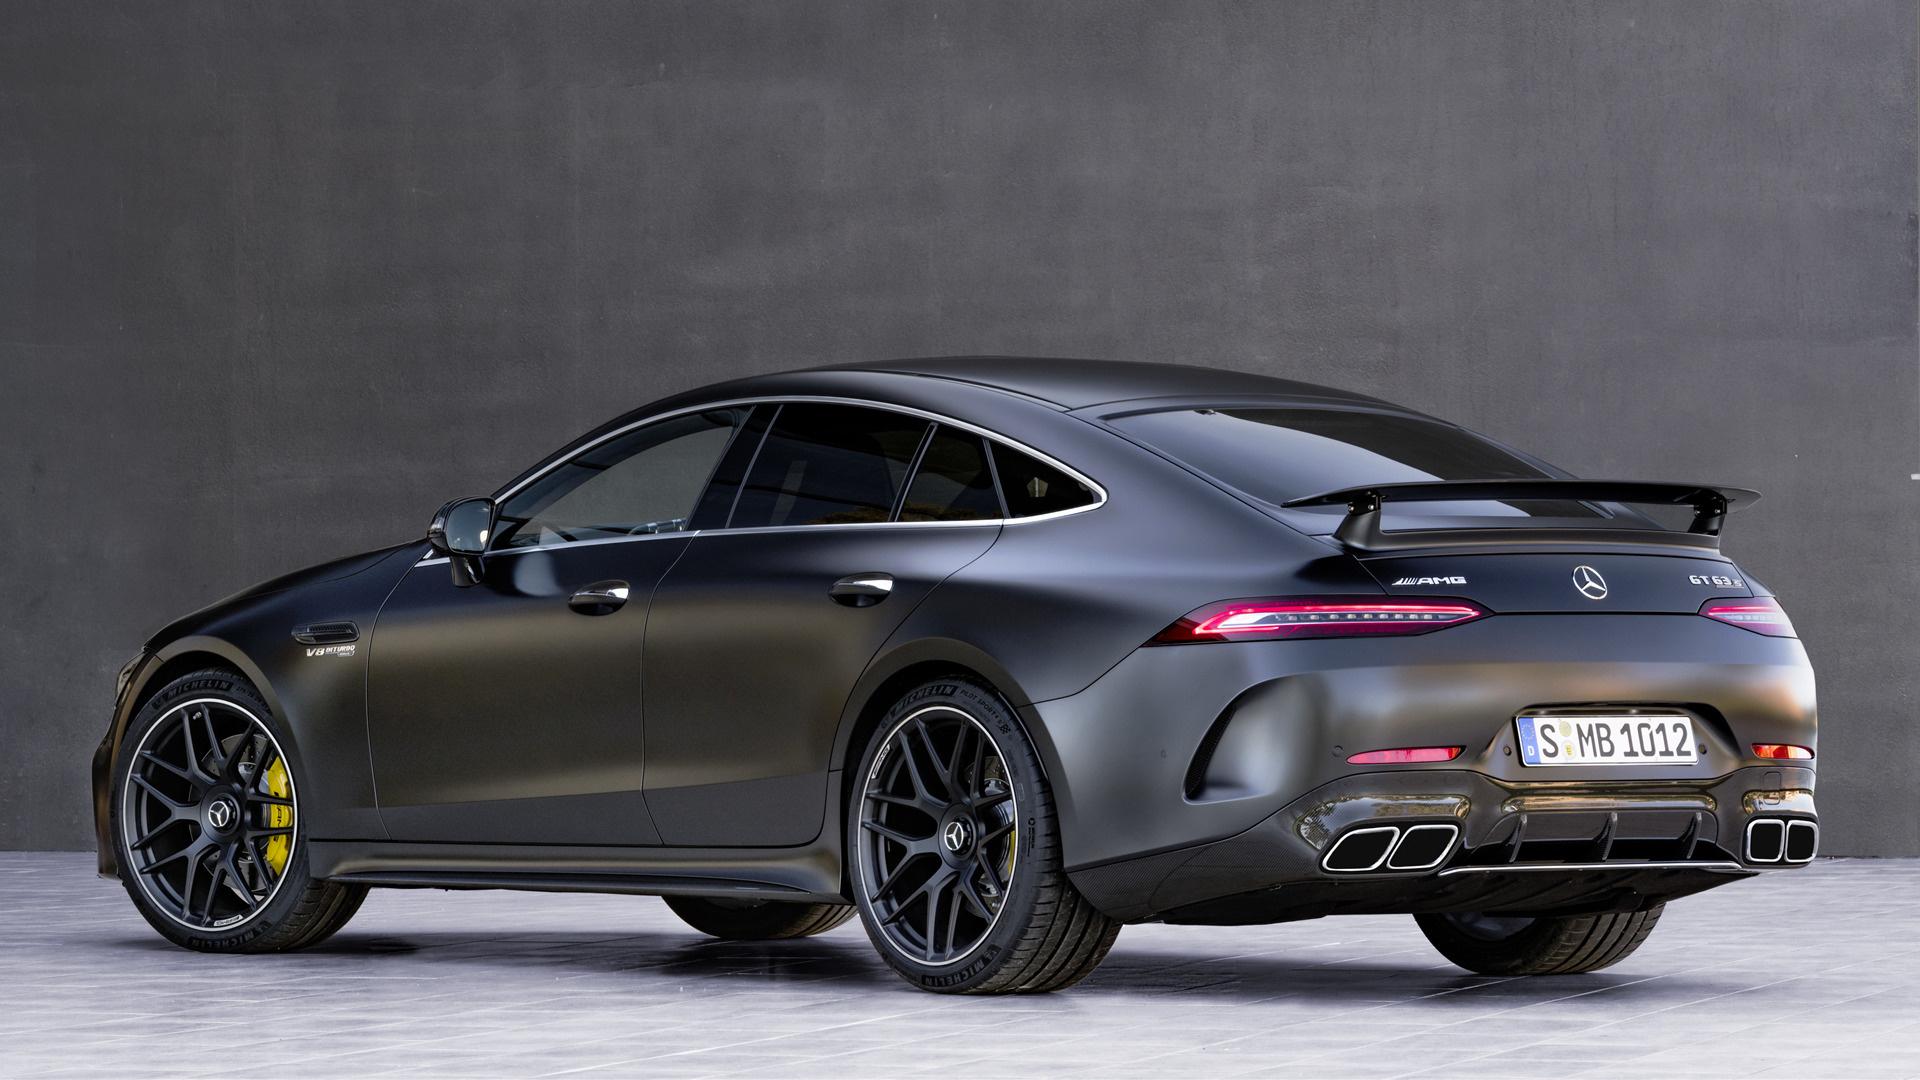 2018 Mercedes-AMG GT 63 S 4-door - Wallpapers and HD ...